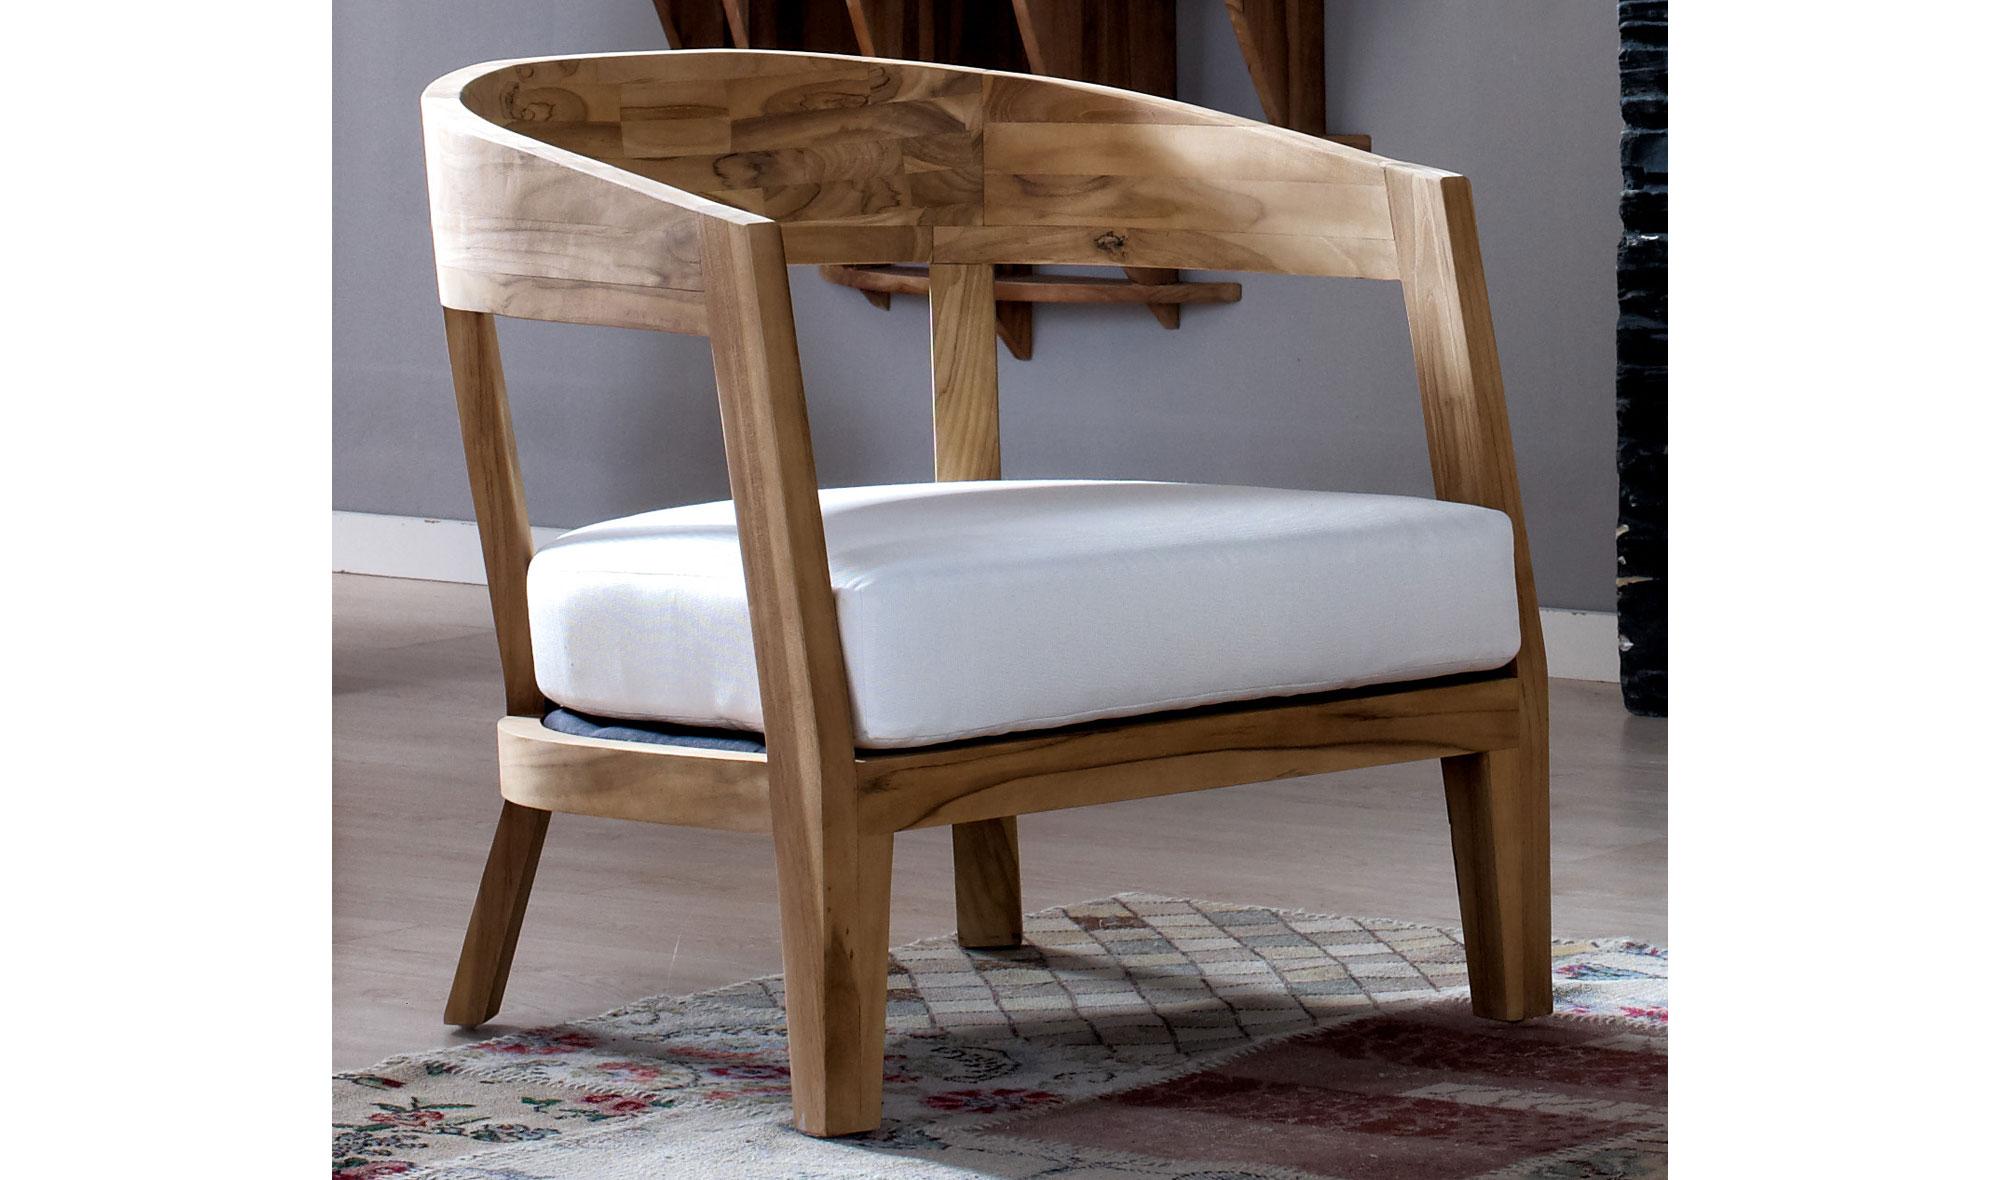 Muebles Laboratorio Idea Creativa Della Casa E Dell Interior Design # Muebles Tudela Roa